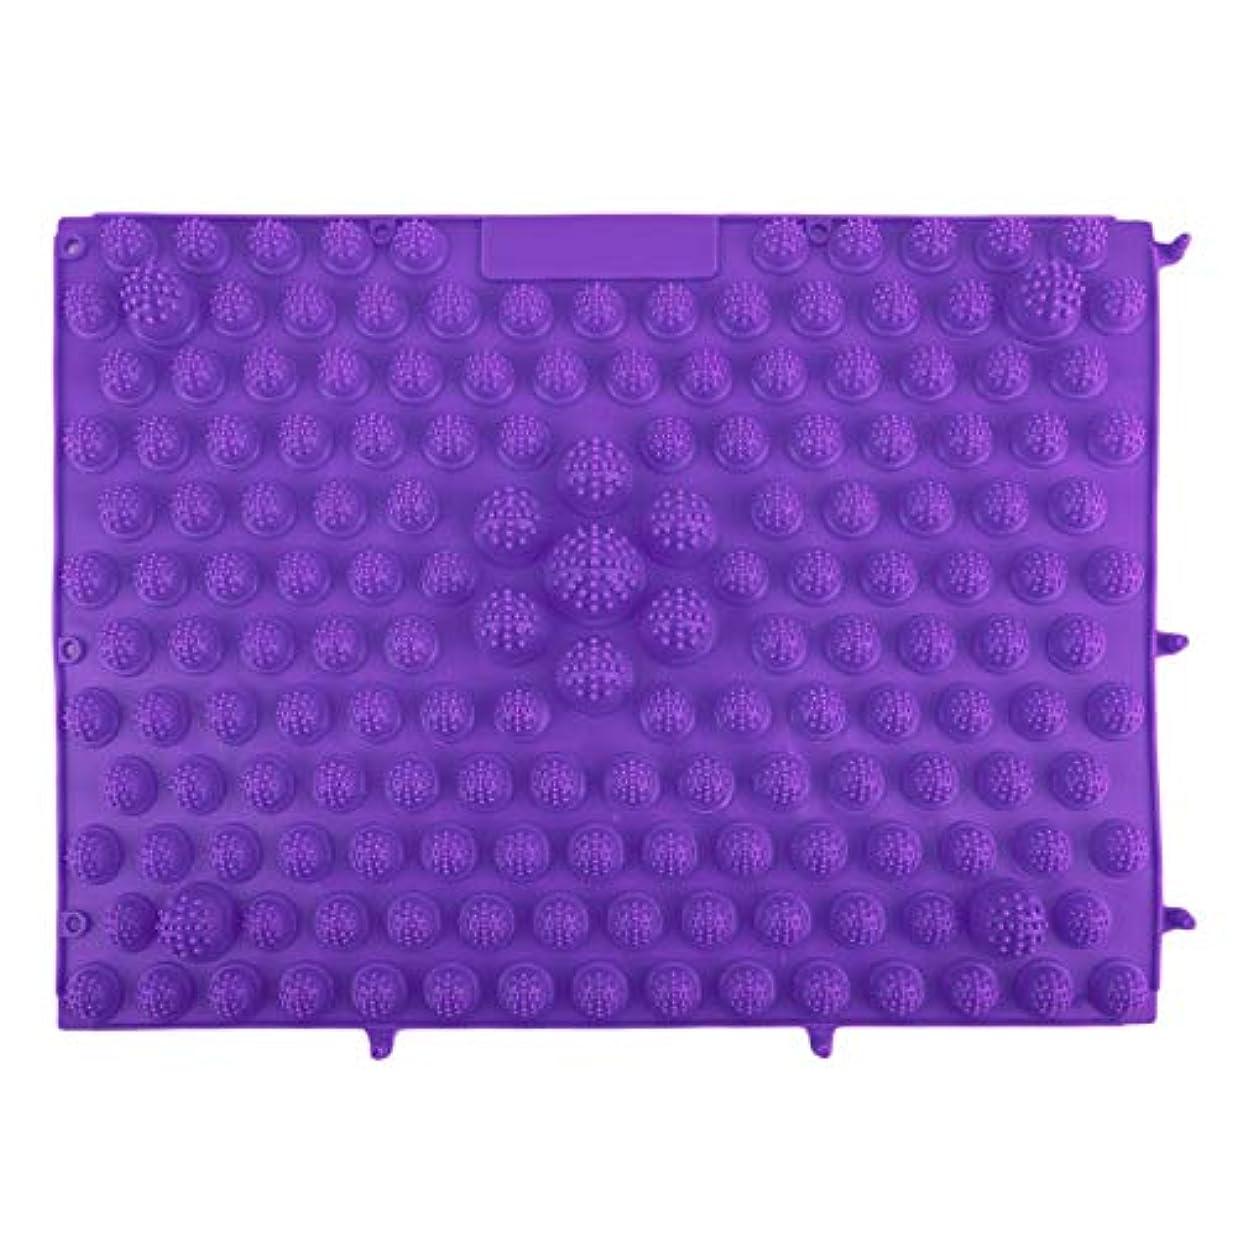 前部黒人パーツ韓国風フットマッサージパッドTPEモダン指圧リフレクソロジーマット鍼灸敷物疲労緩和促進循環 - 紫色